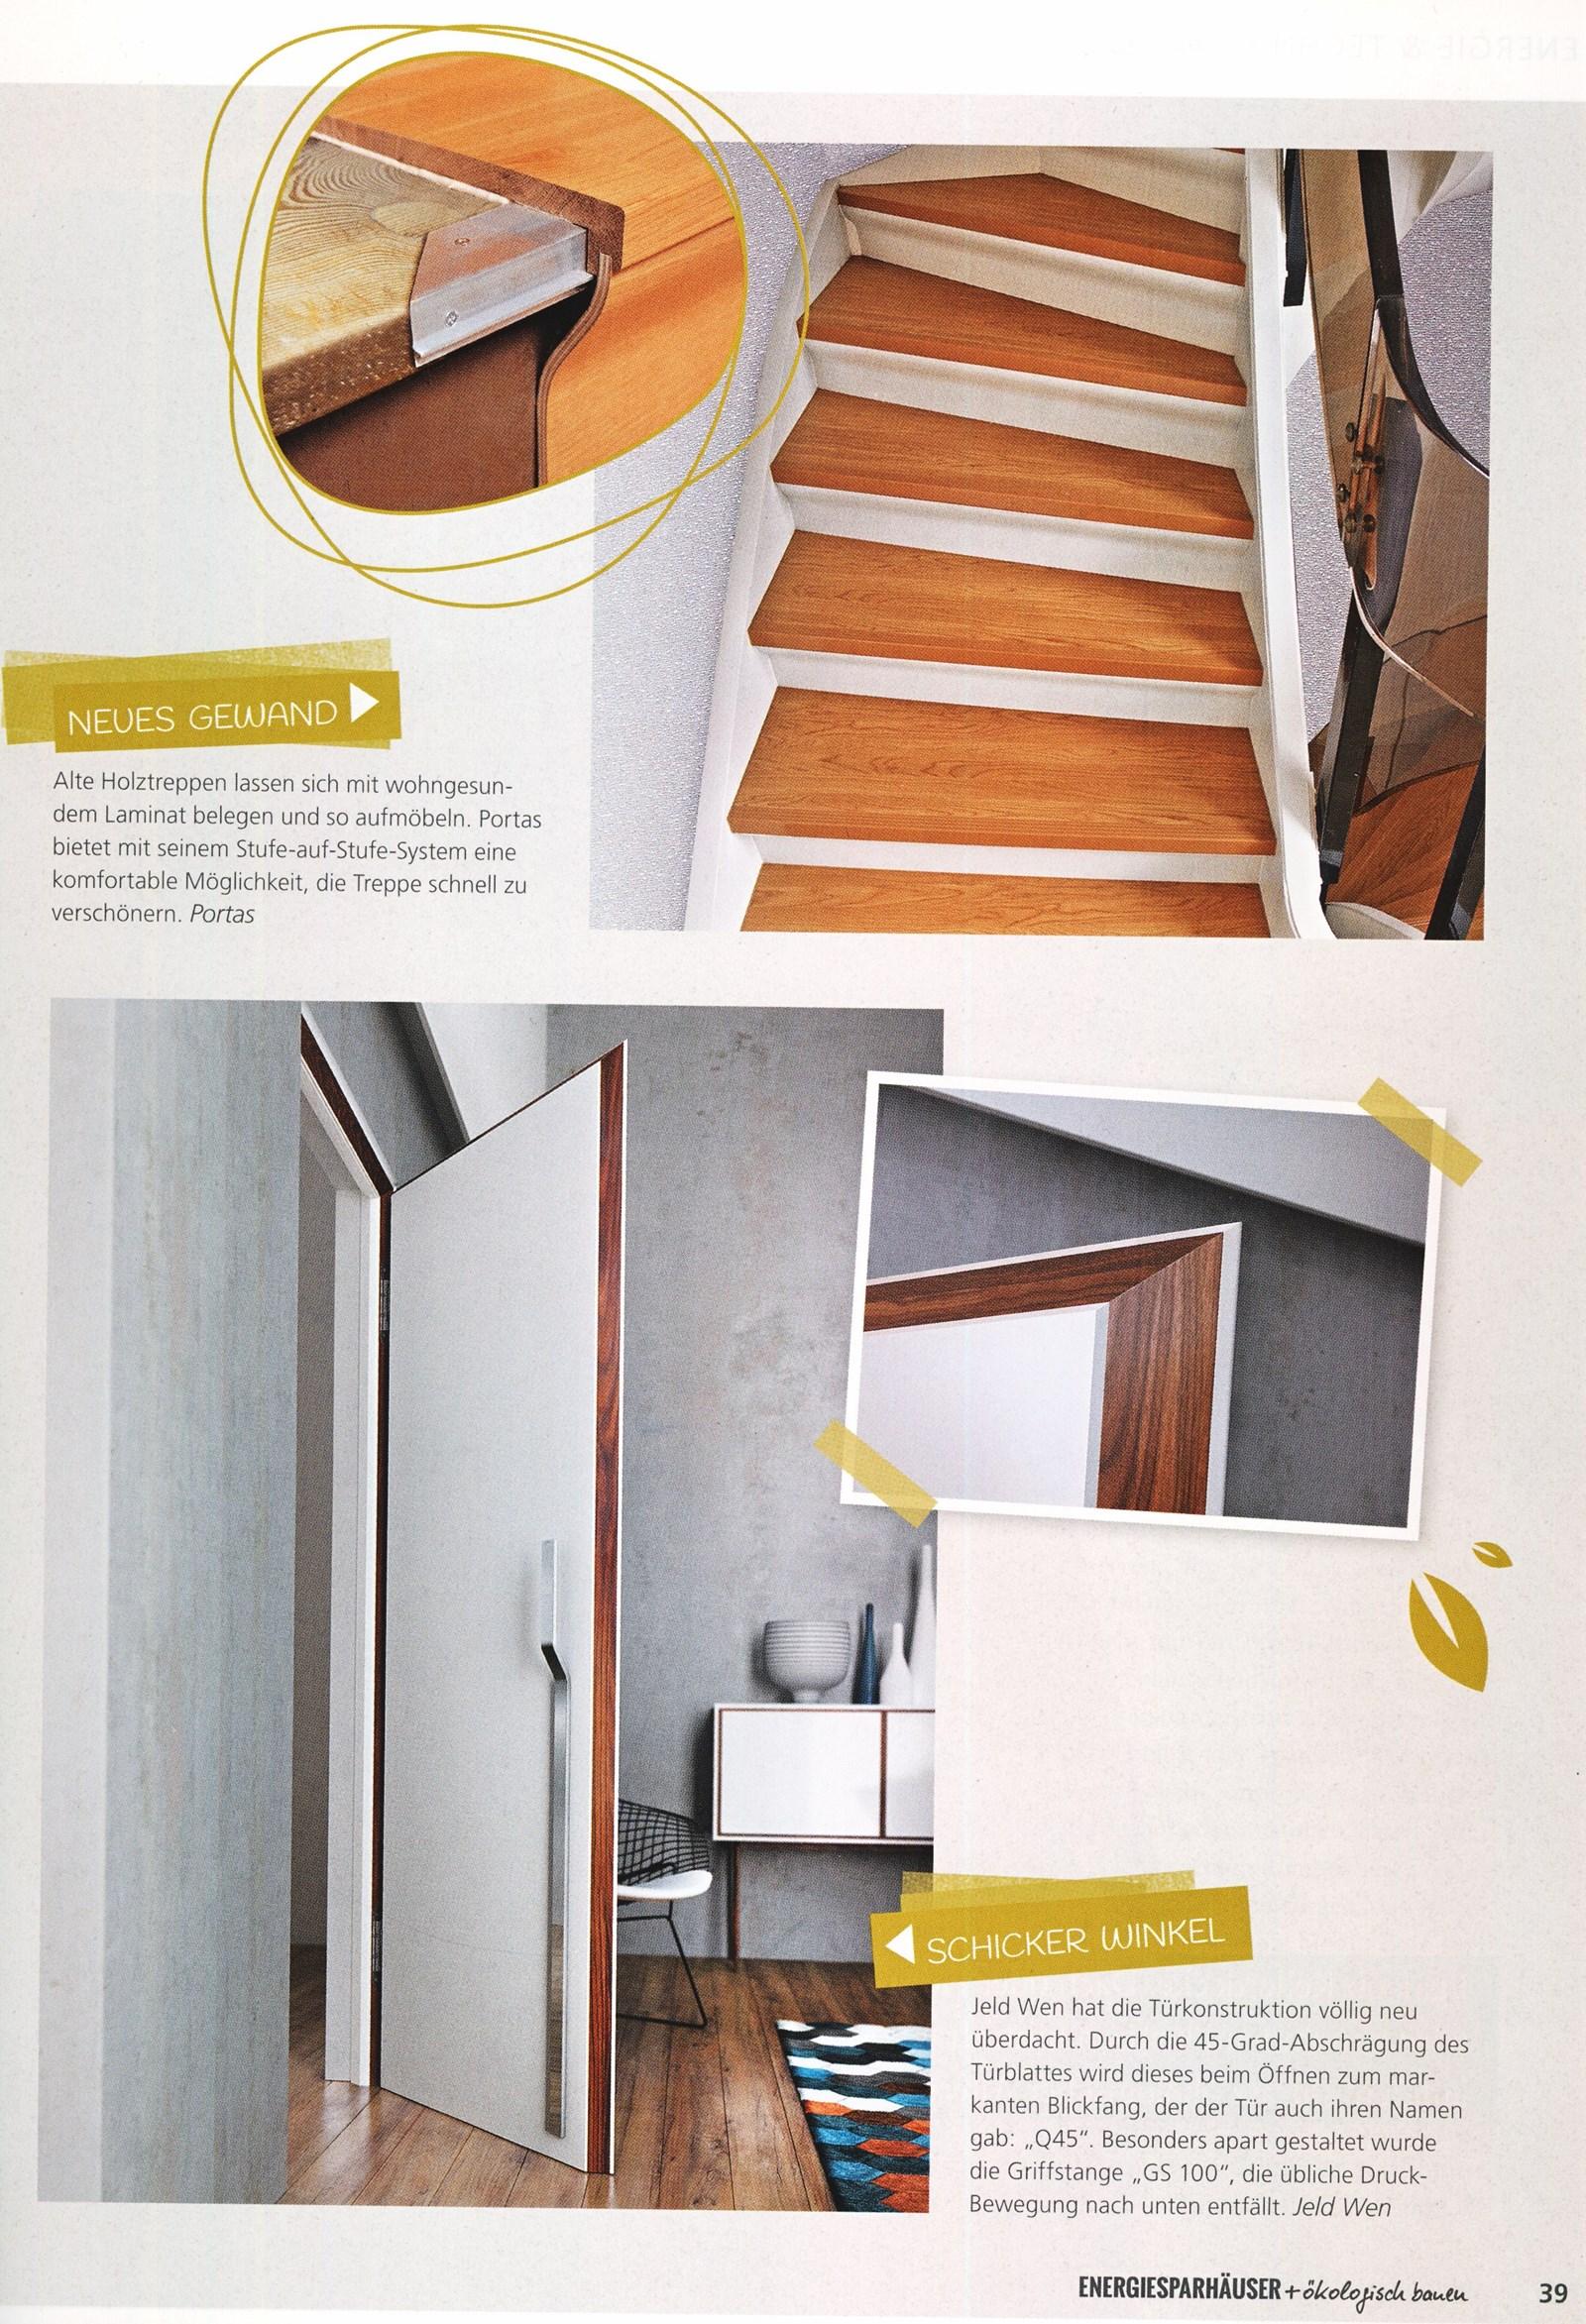 wohnzeitschriften berichten ber die portas l sungen portas sterreich renovierung. Black Bedroom Furniture Sets. Home Design Ideas